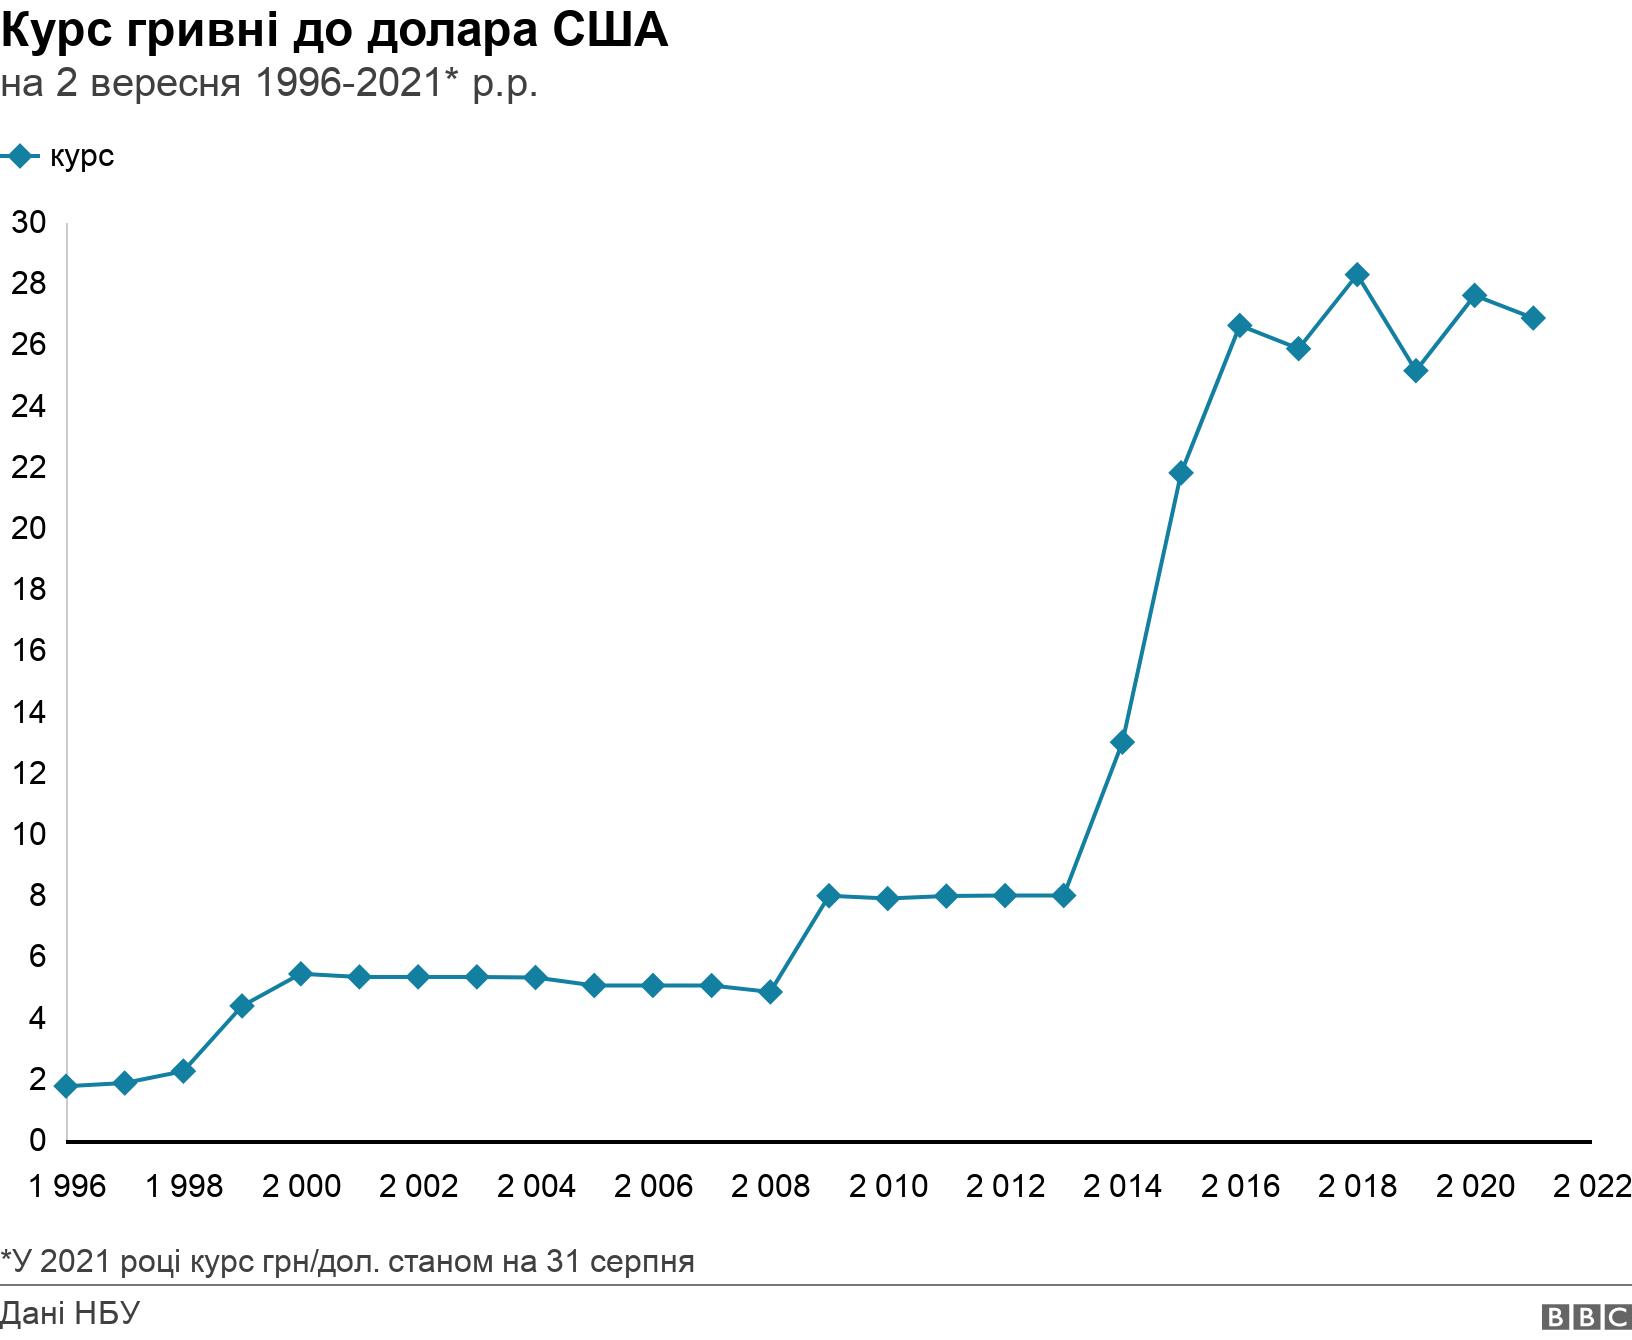 Курс гривні до долара США. на 2 вересня 1996-2021 р.р.. курс гривні до долара від 1996 до 2021 року *У 2021 році курс грн/дол. станом на 31 серпня.